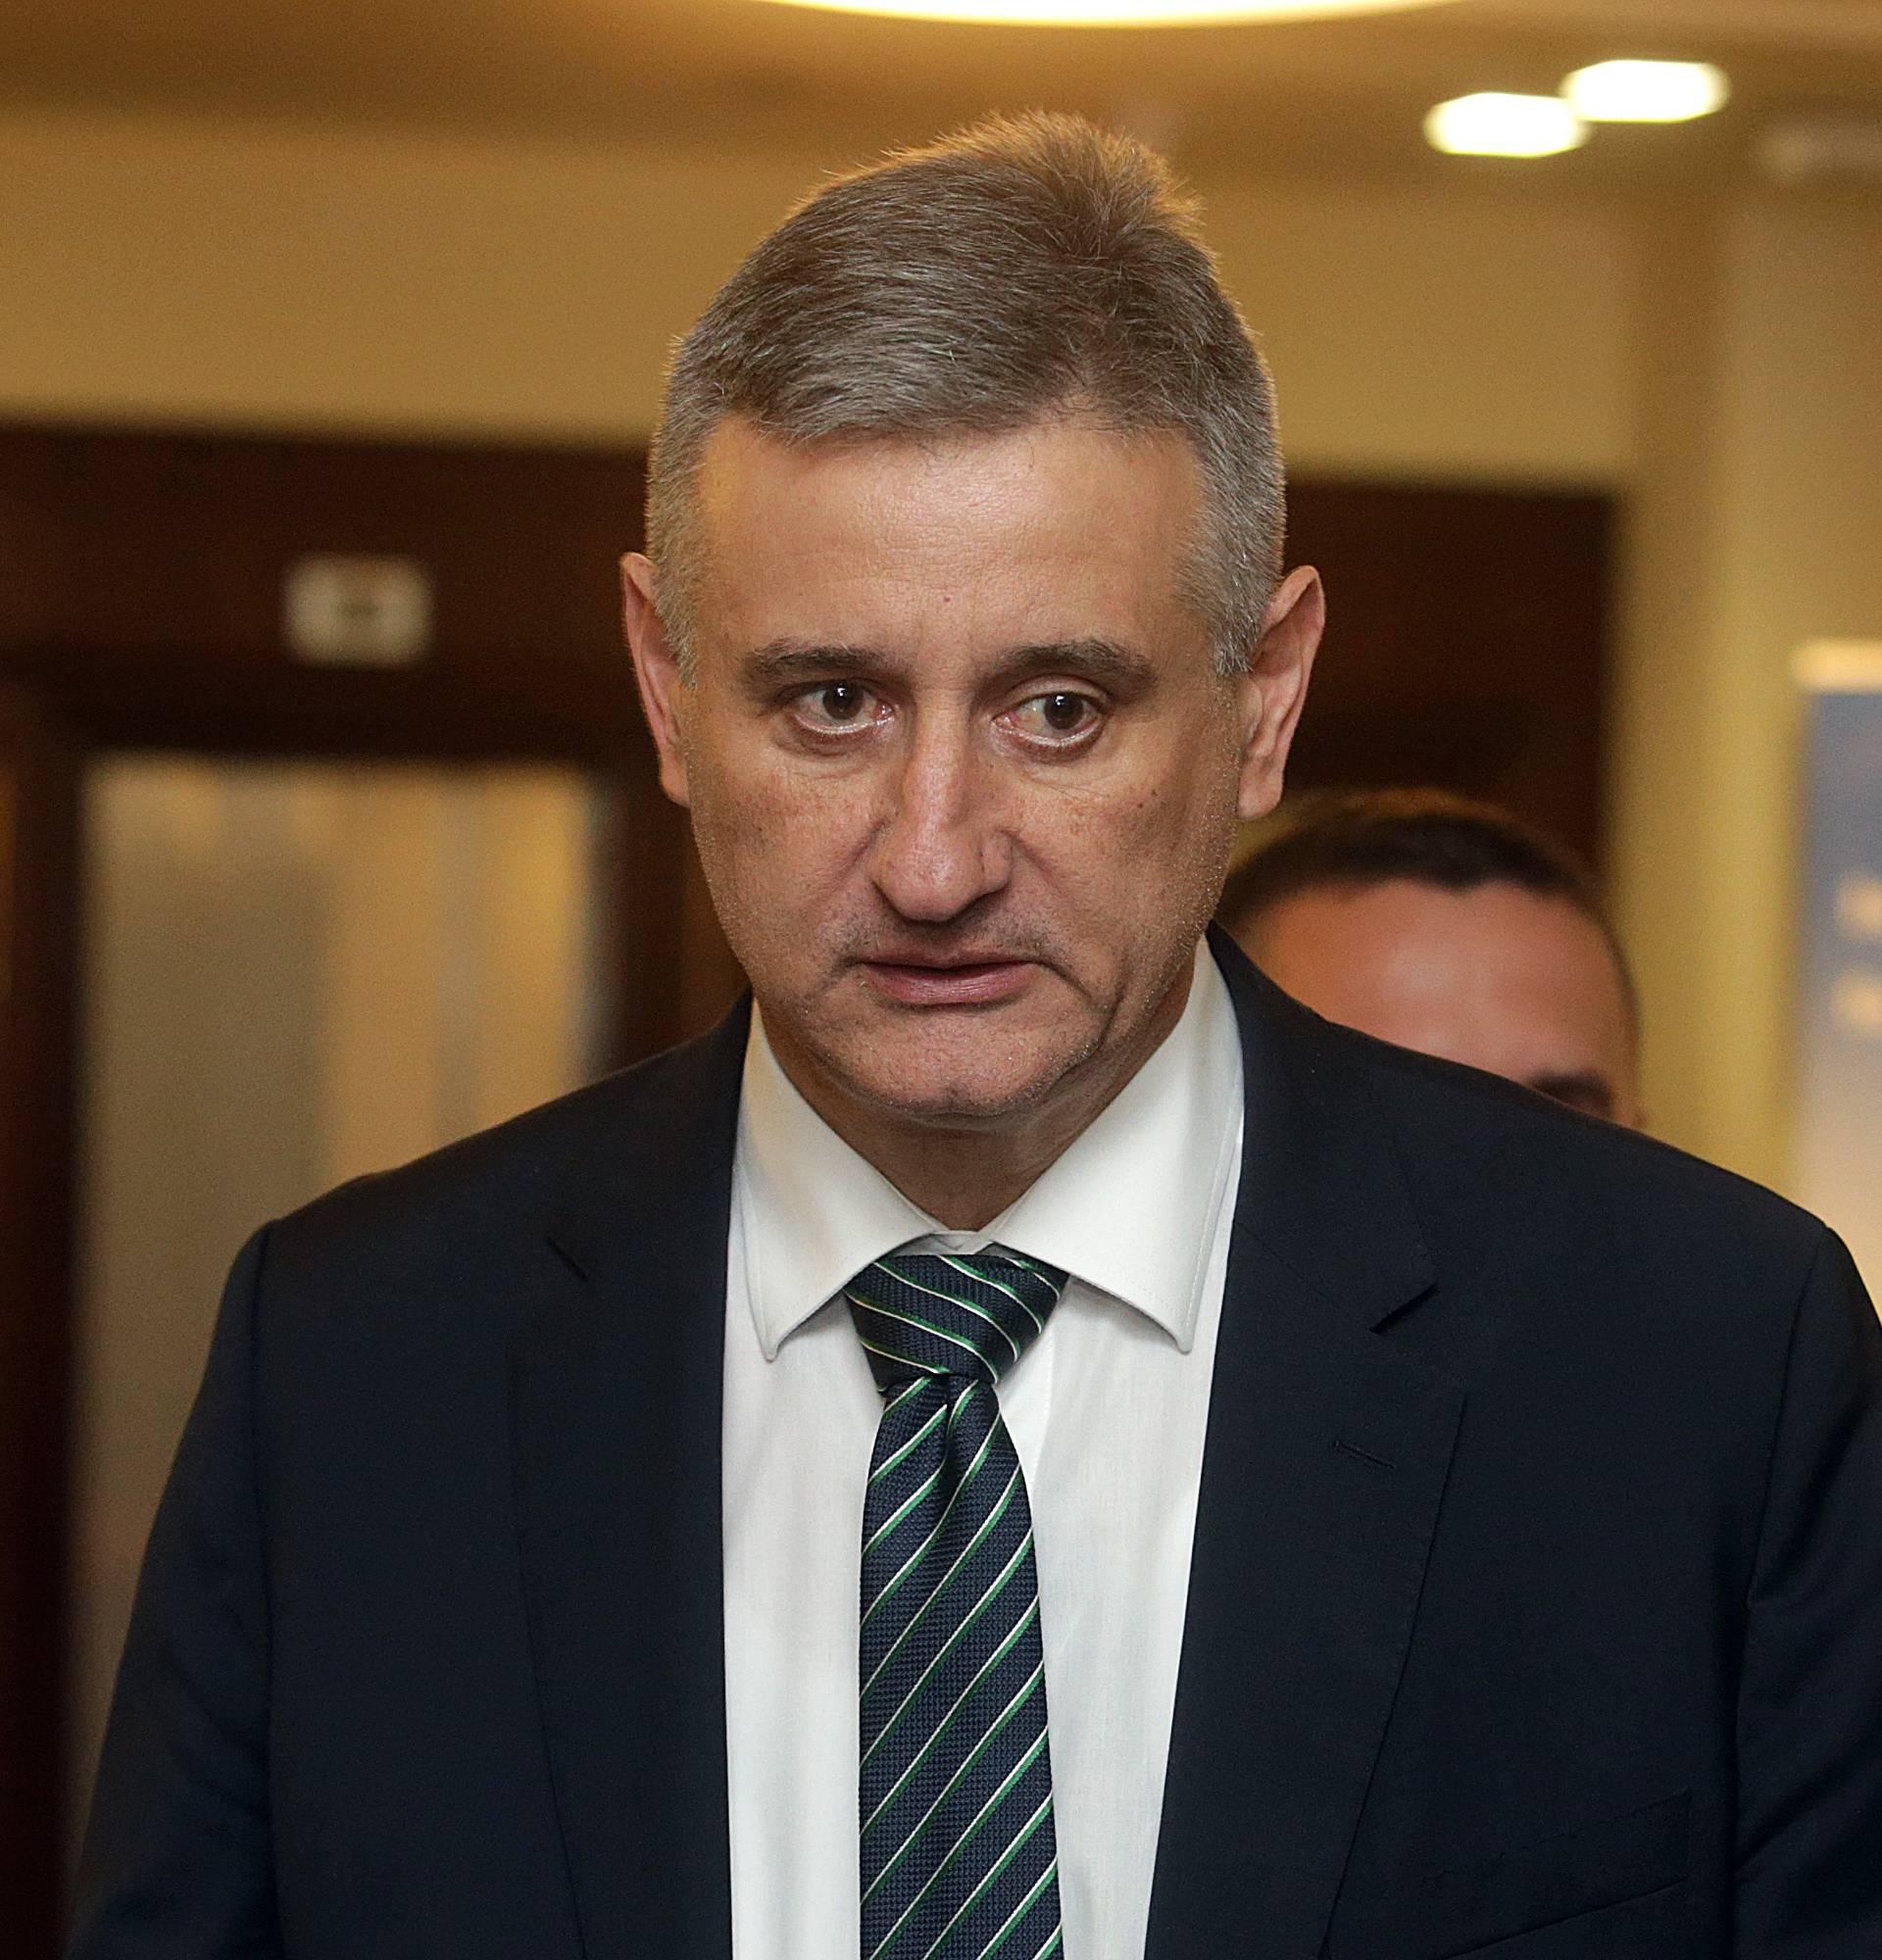 'Od Petrovića  neću okrenuti glavu na cesti. To nije moj stil'